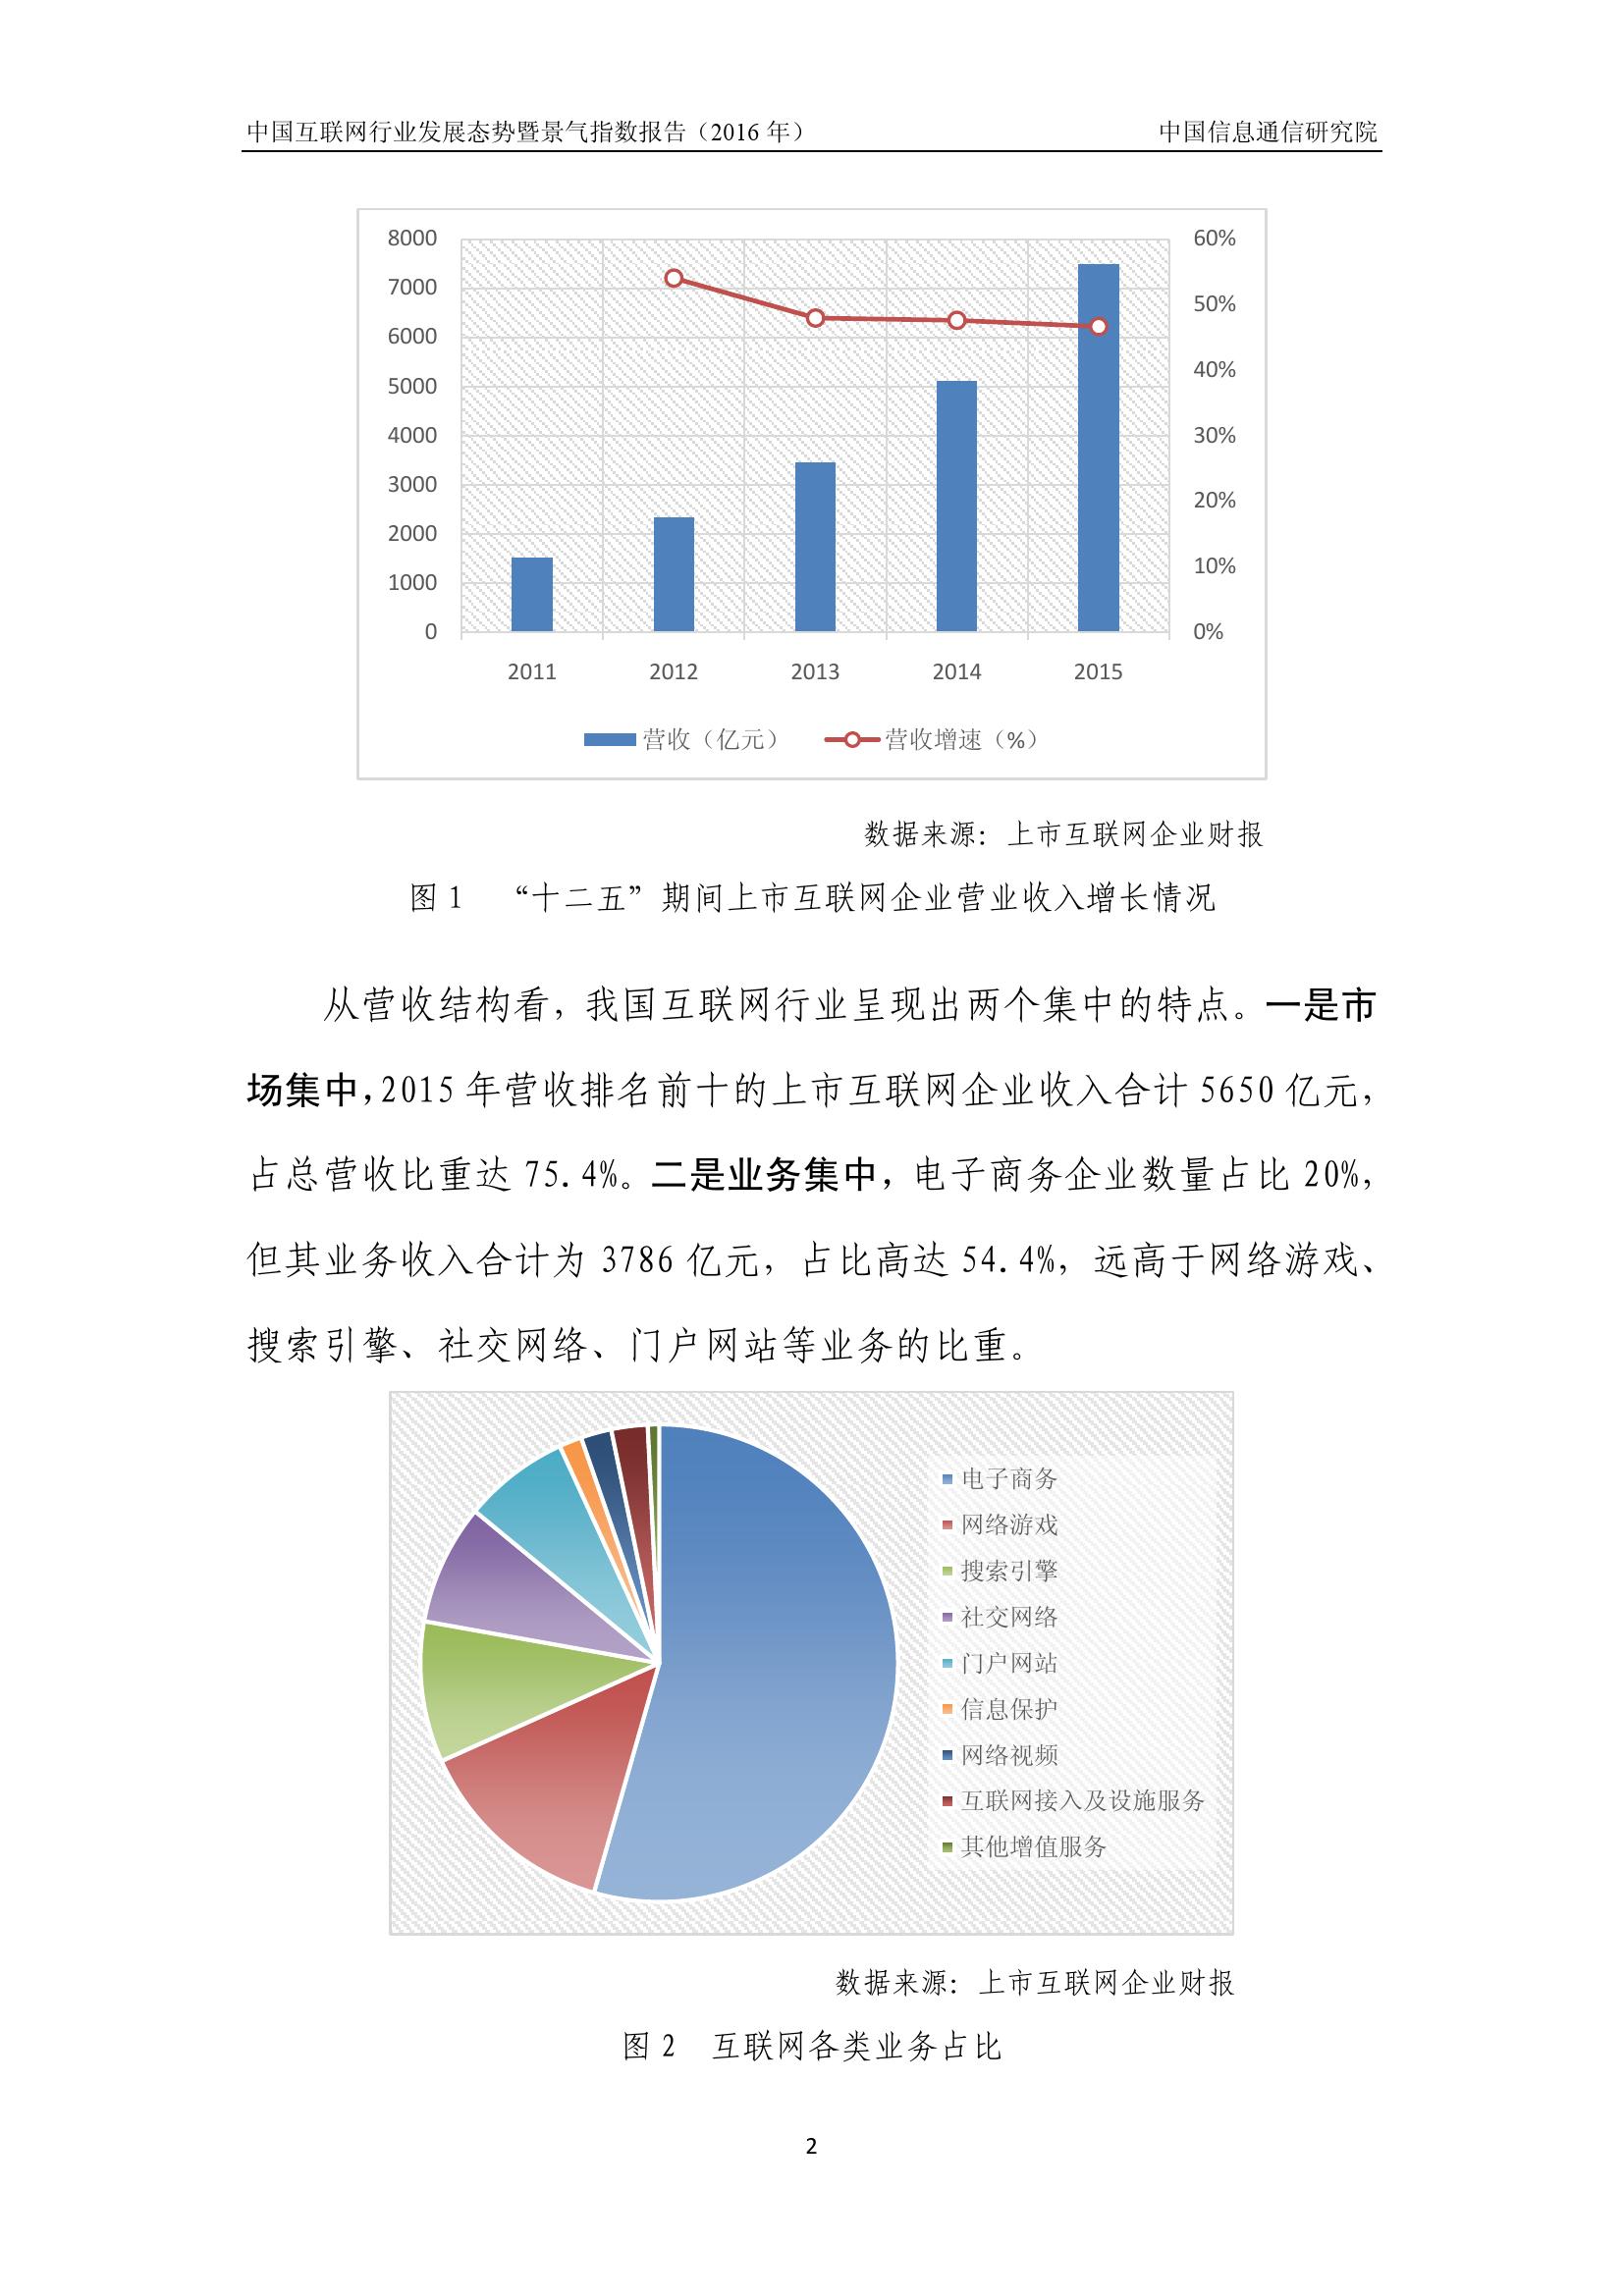 2016年中国互联网行业发展态势暨景气指数报告_000006